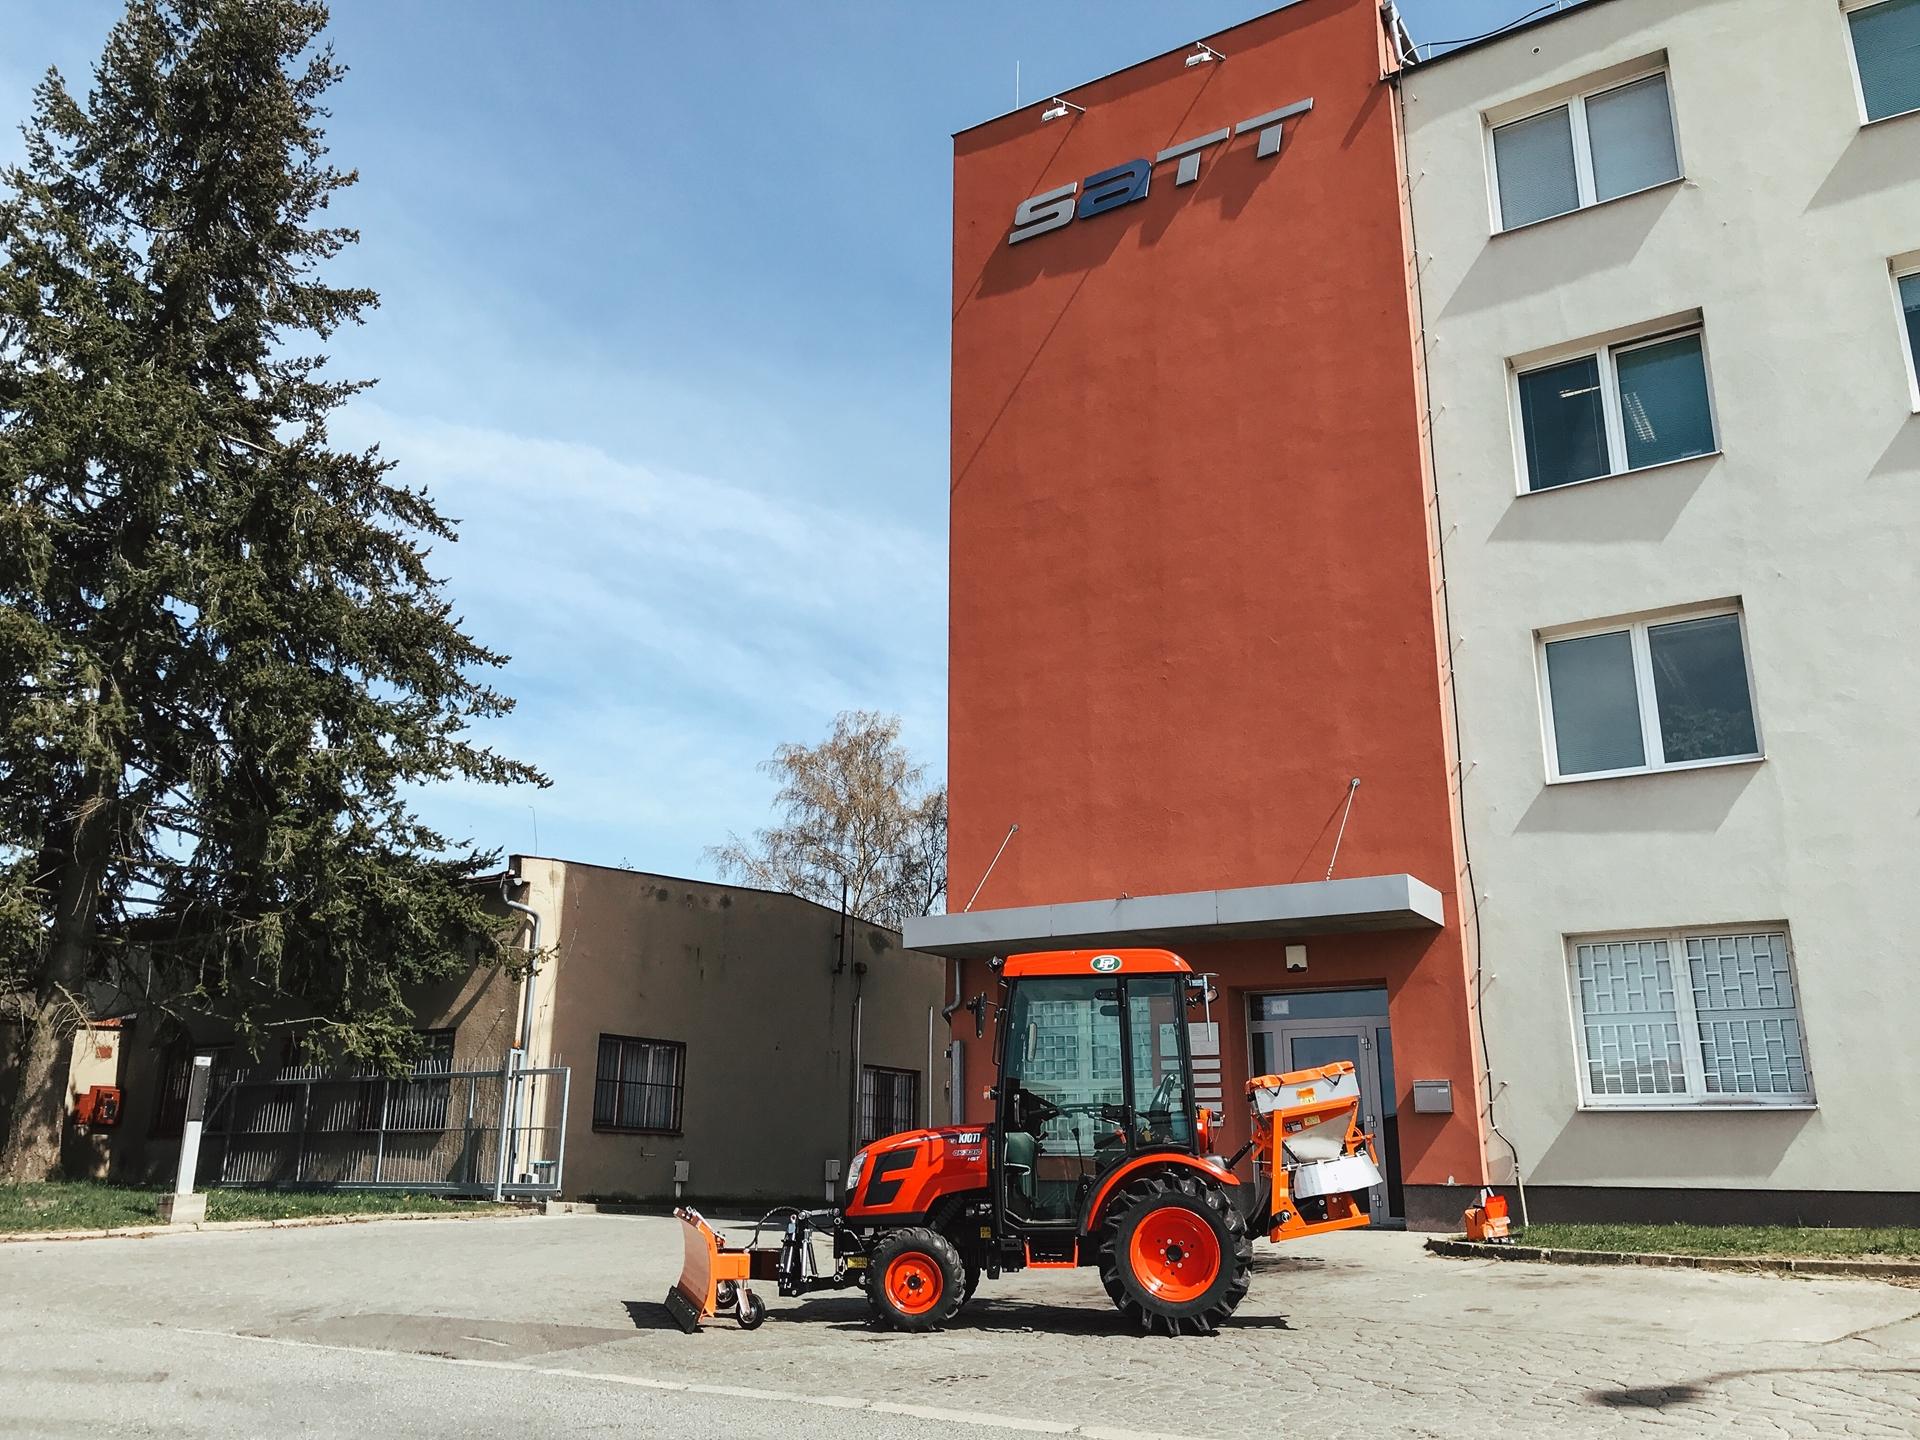 Traktor-Kioti-SATT-Zdar-nad-Sazavou-(2).JPG